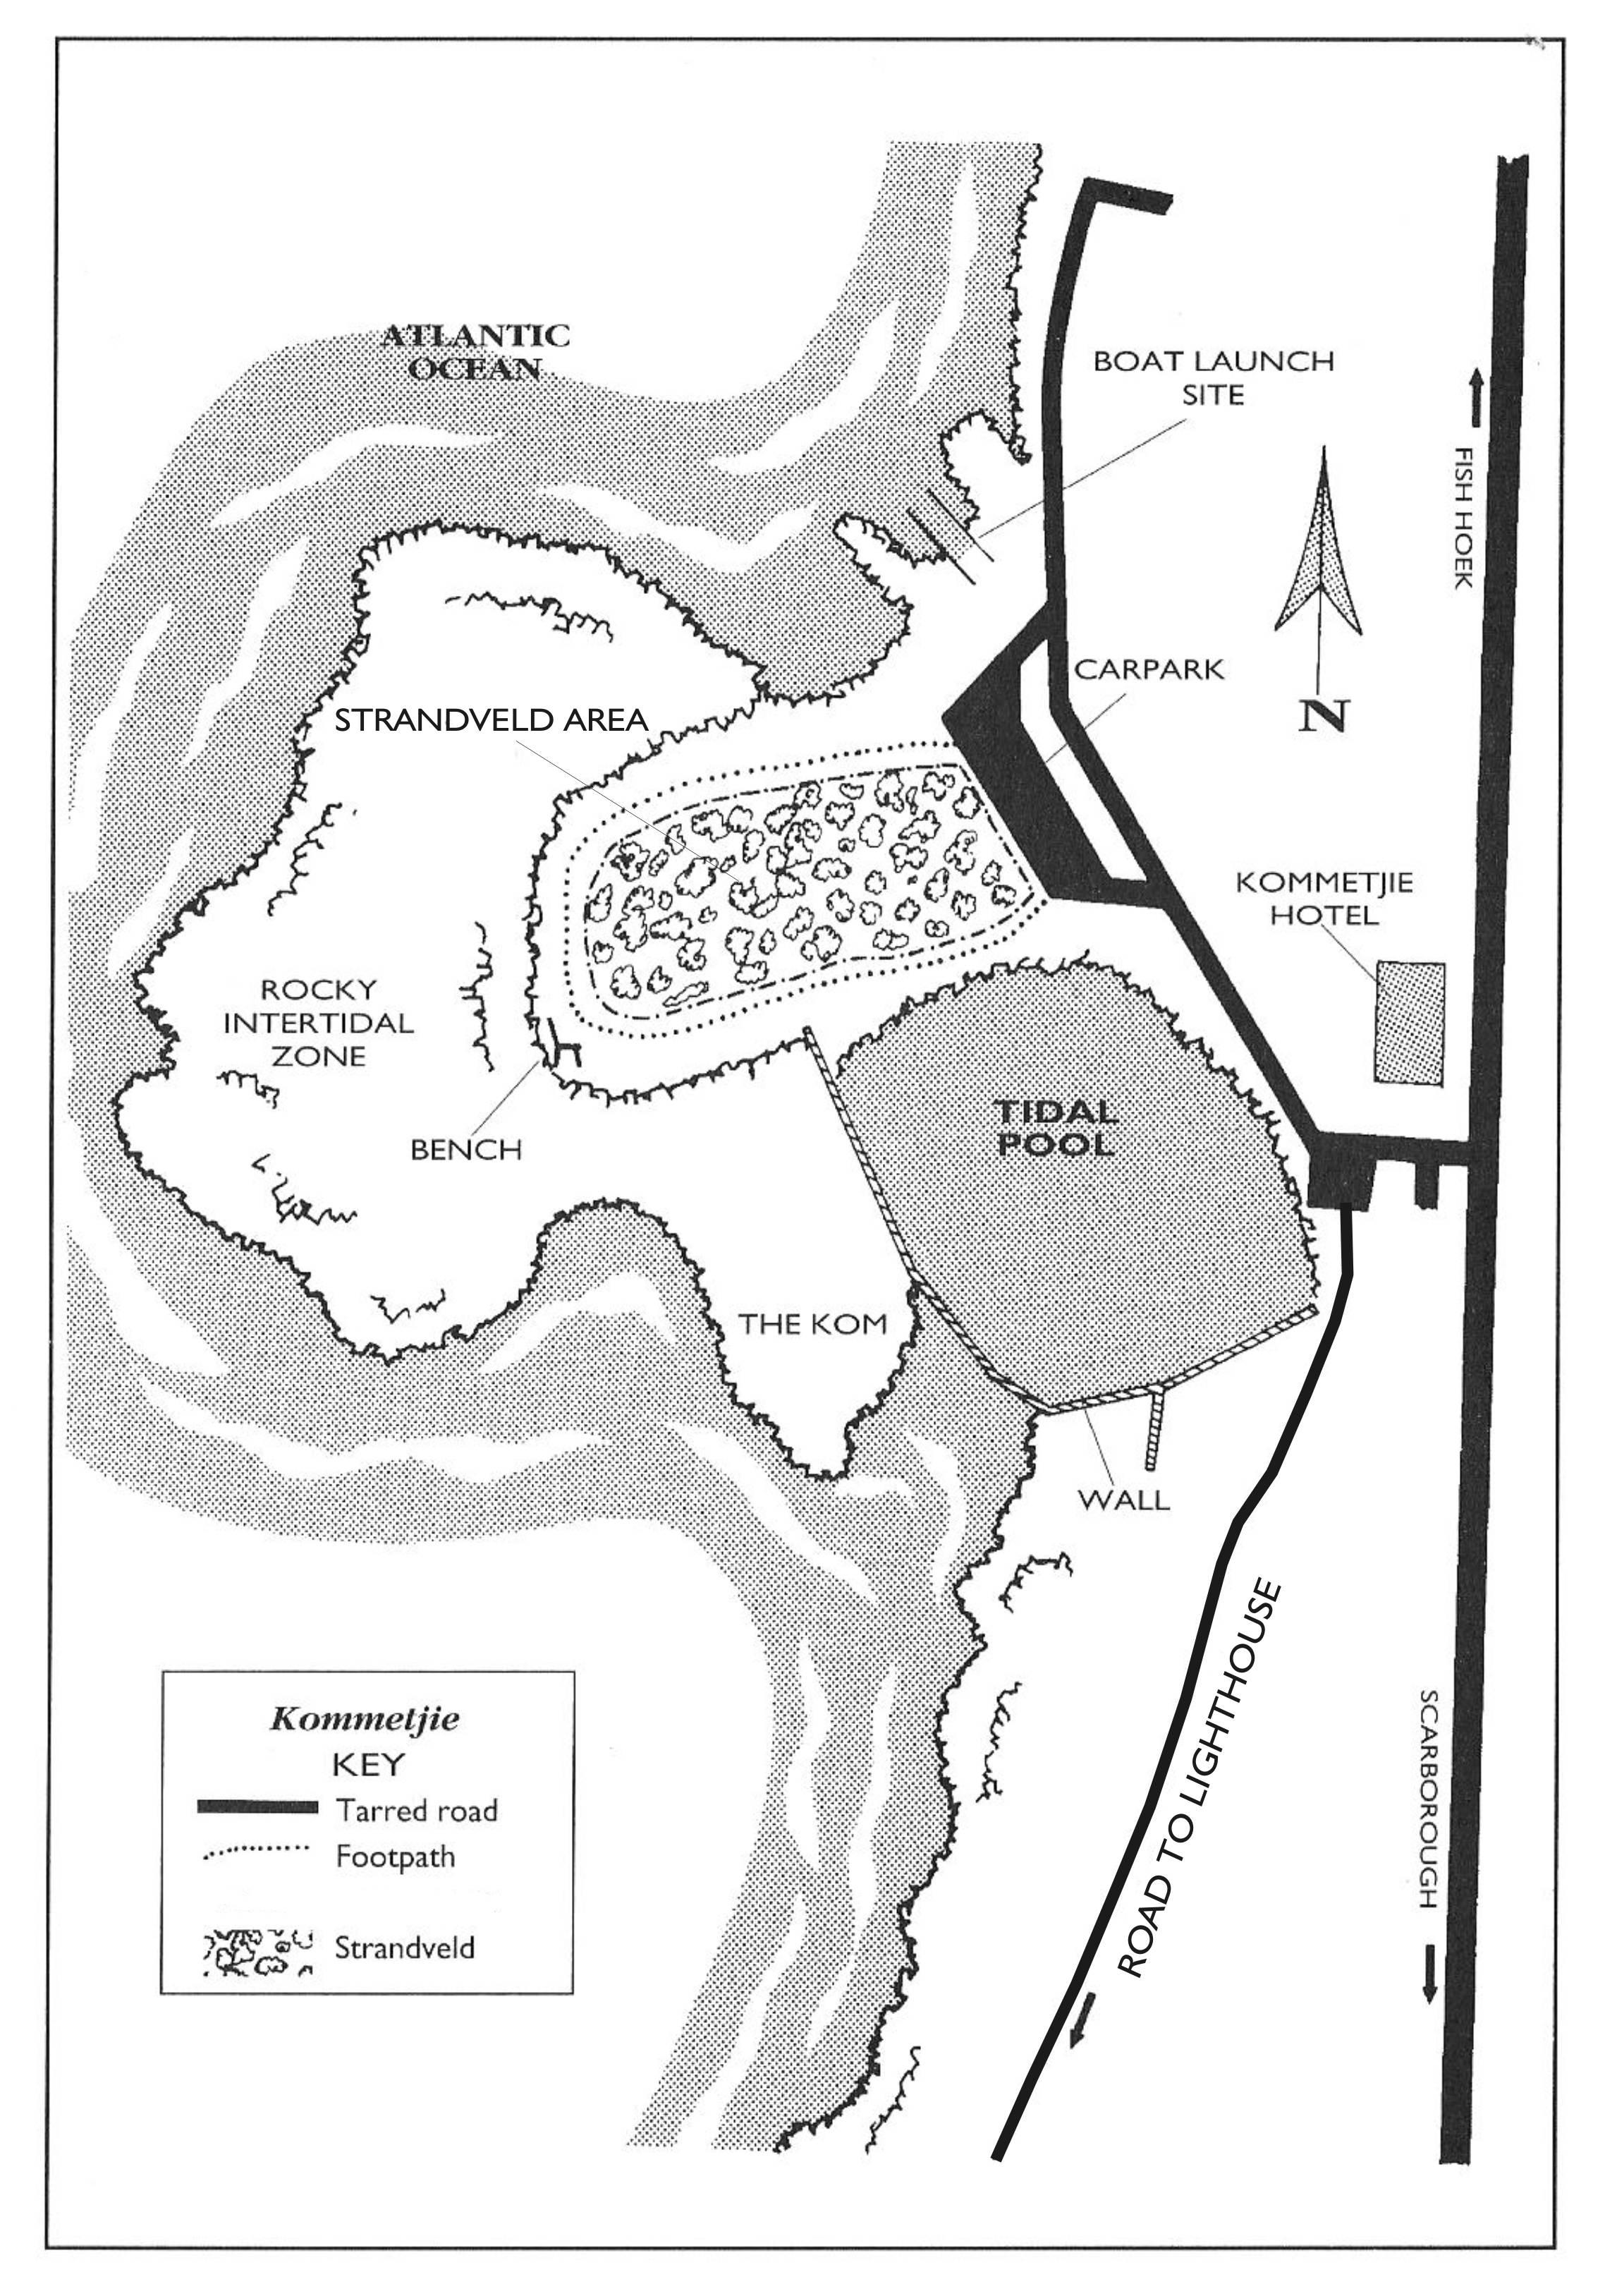 Kommetjie Site Map